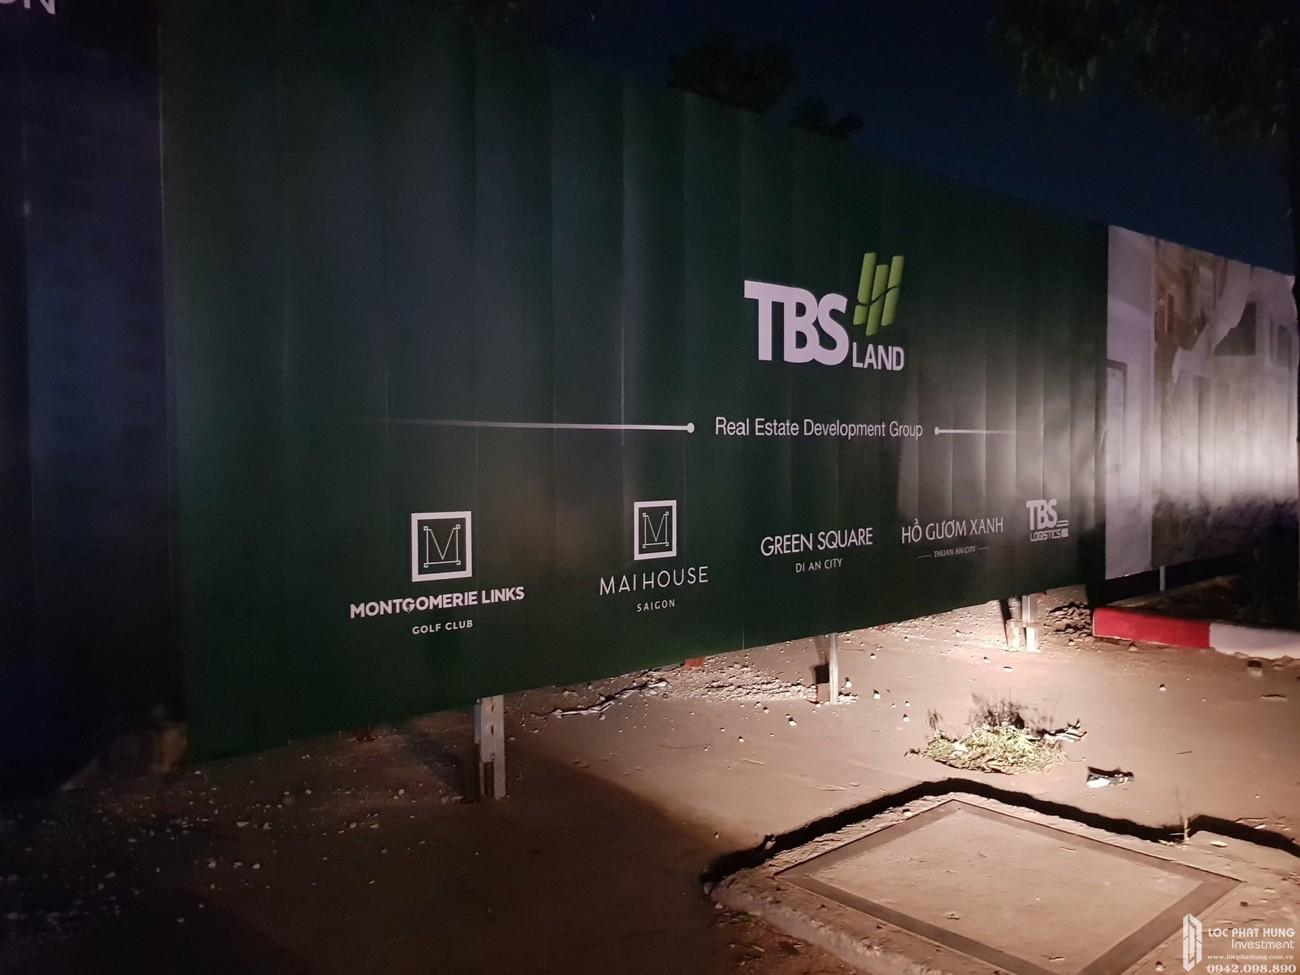 Tiến độ dự án Căn Hộ chung cư Green Square 03/2020 Dĩ An Đường QL 1K chủ đầu tư TBS Land